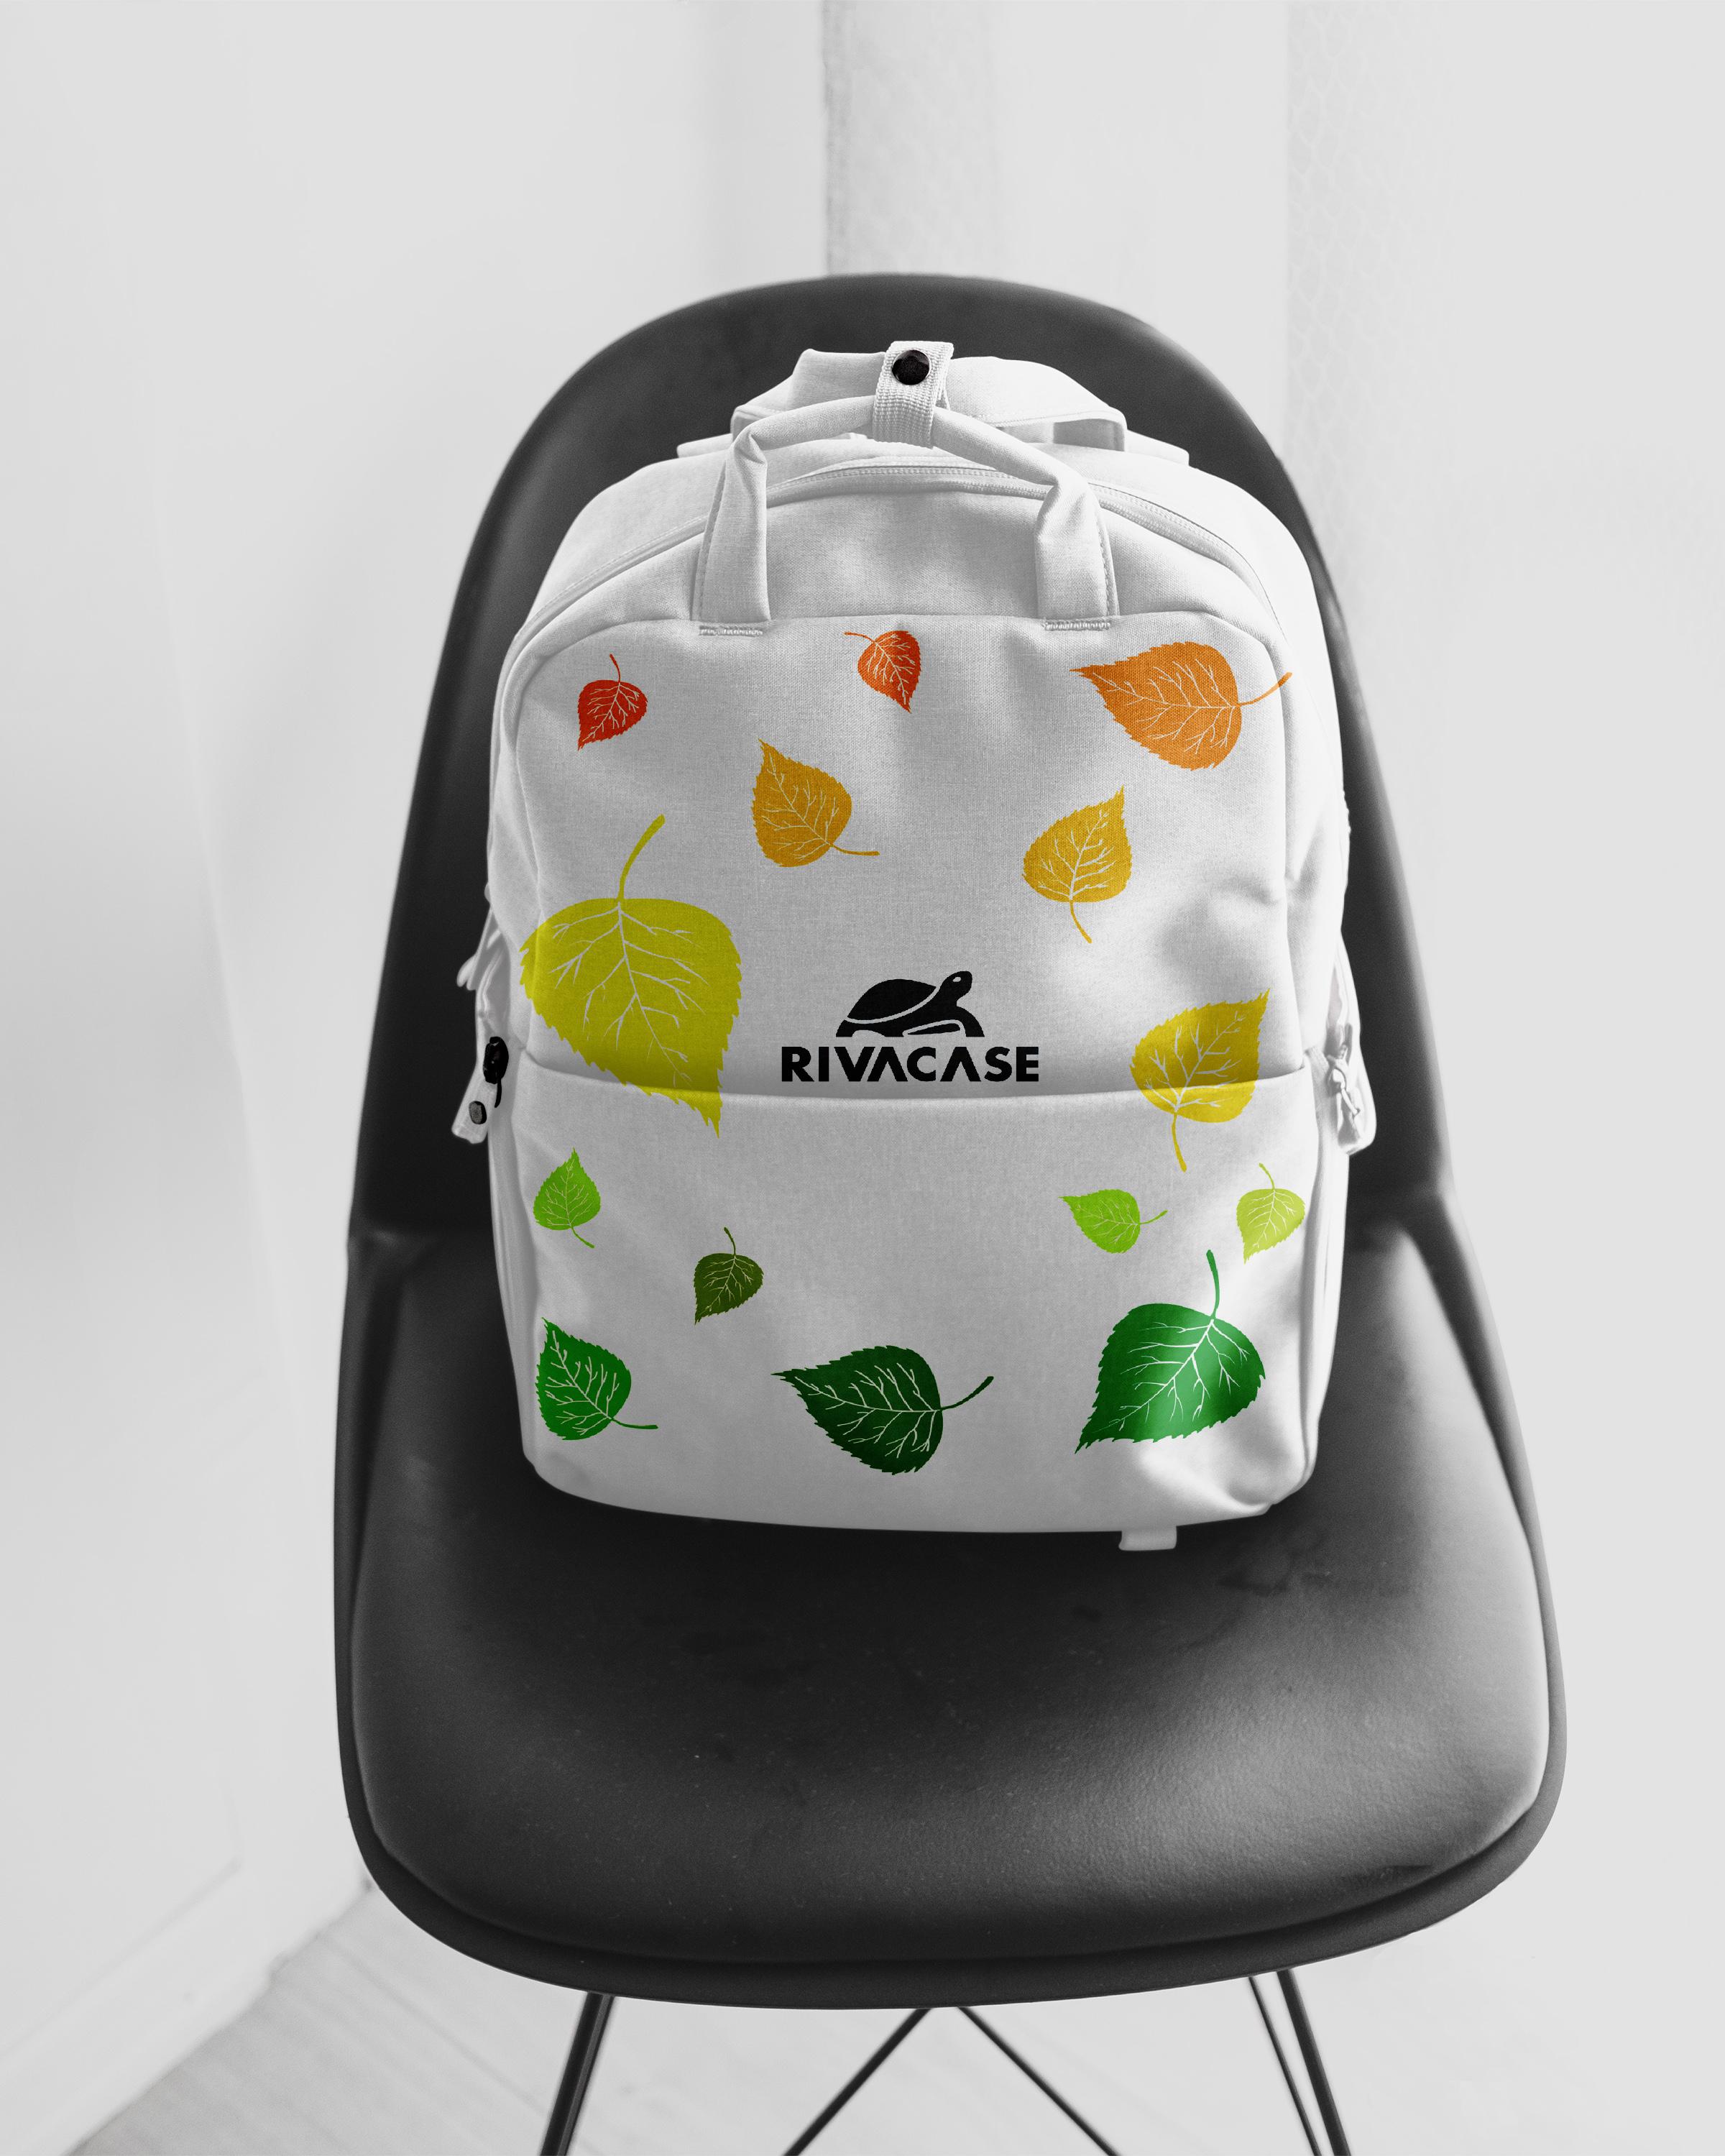 Конкурс на создание оригинального принта для рюкзаков фото f_5275f875827d477c.jpg